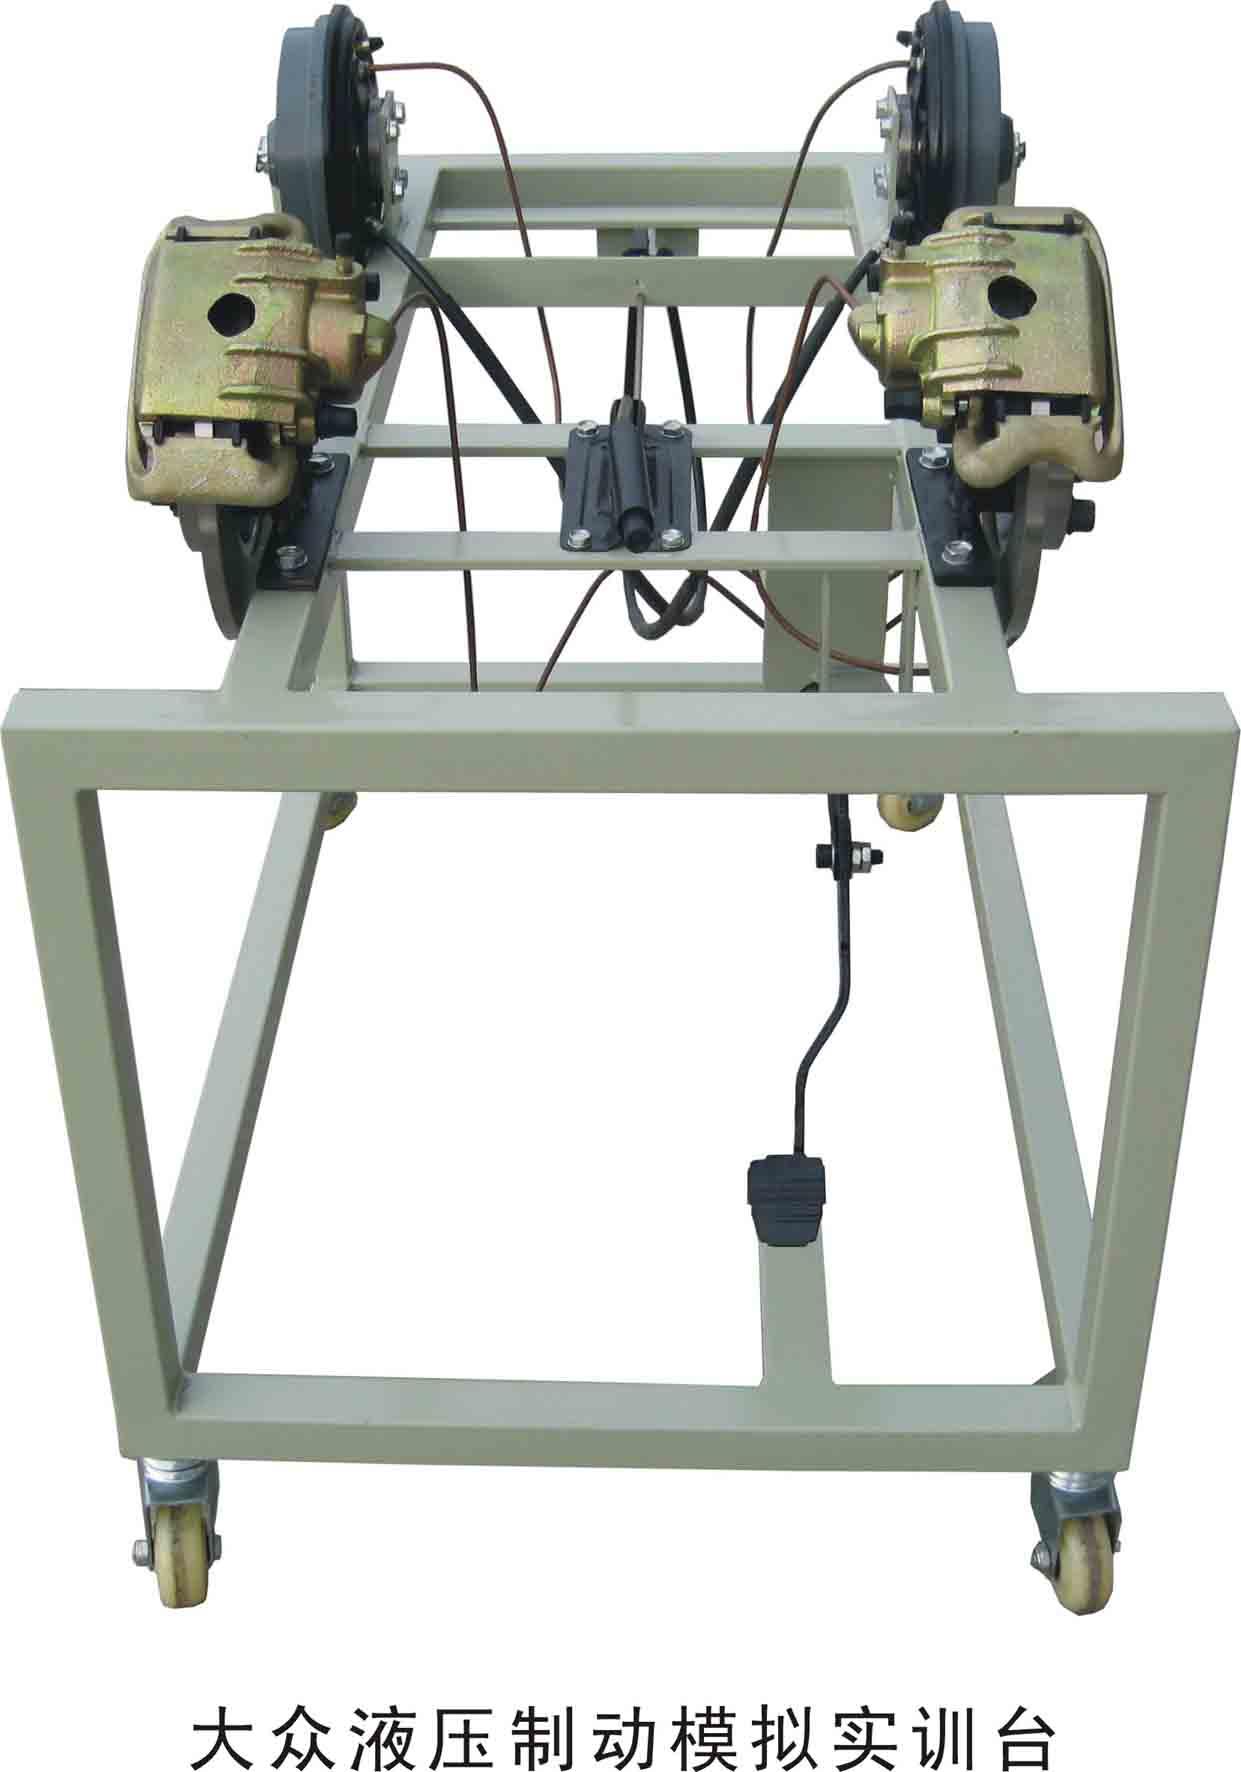 大众液压制动模拟实训台